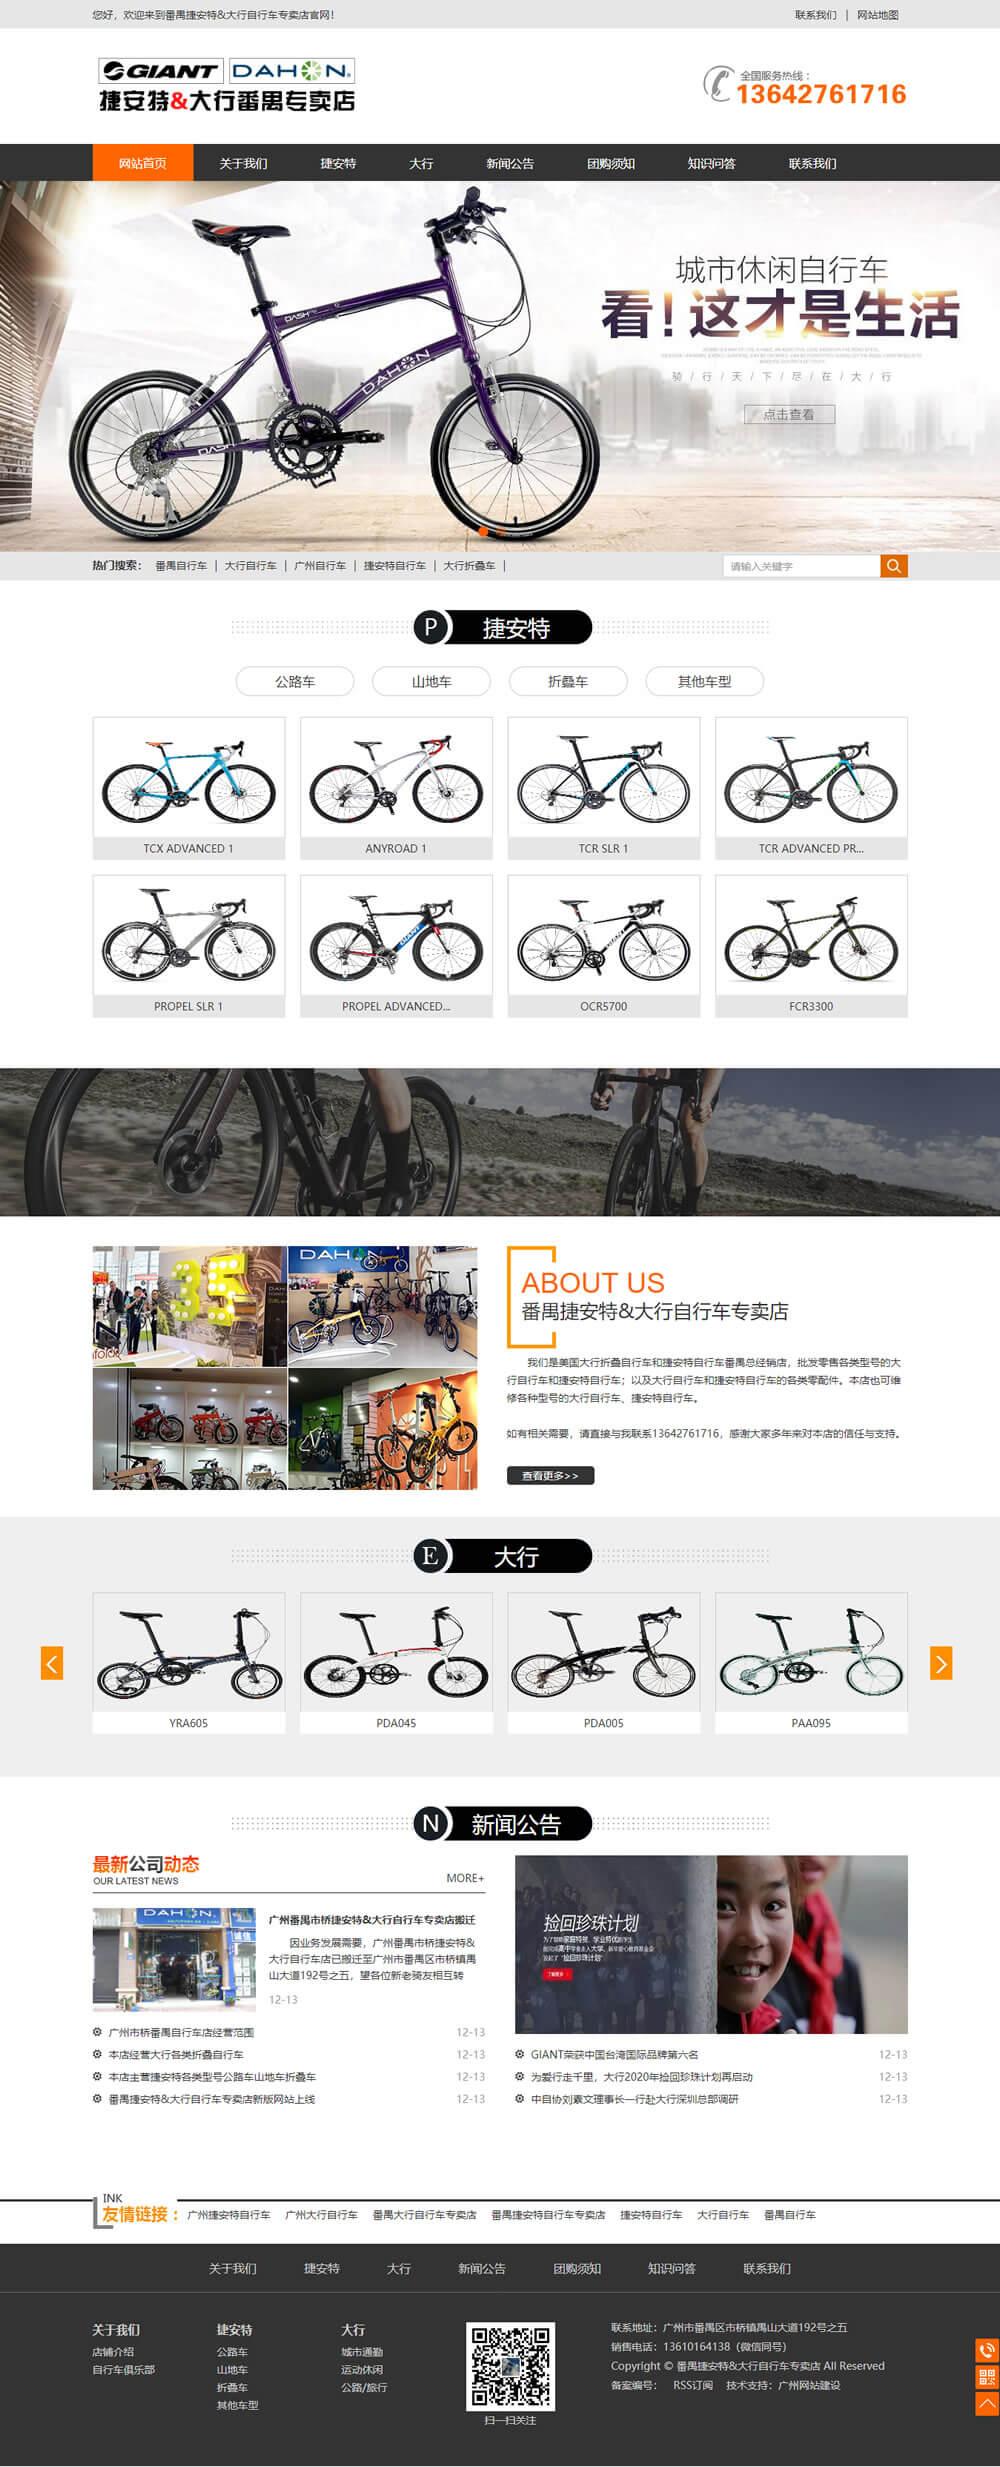 大行捷安特自行车